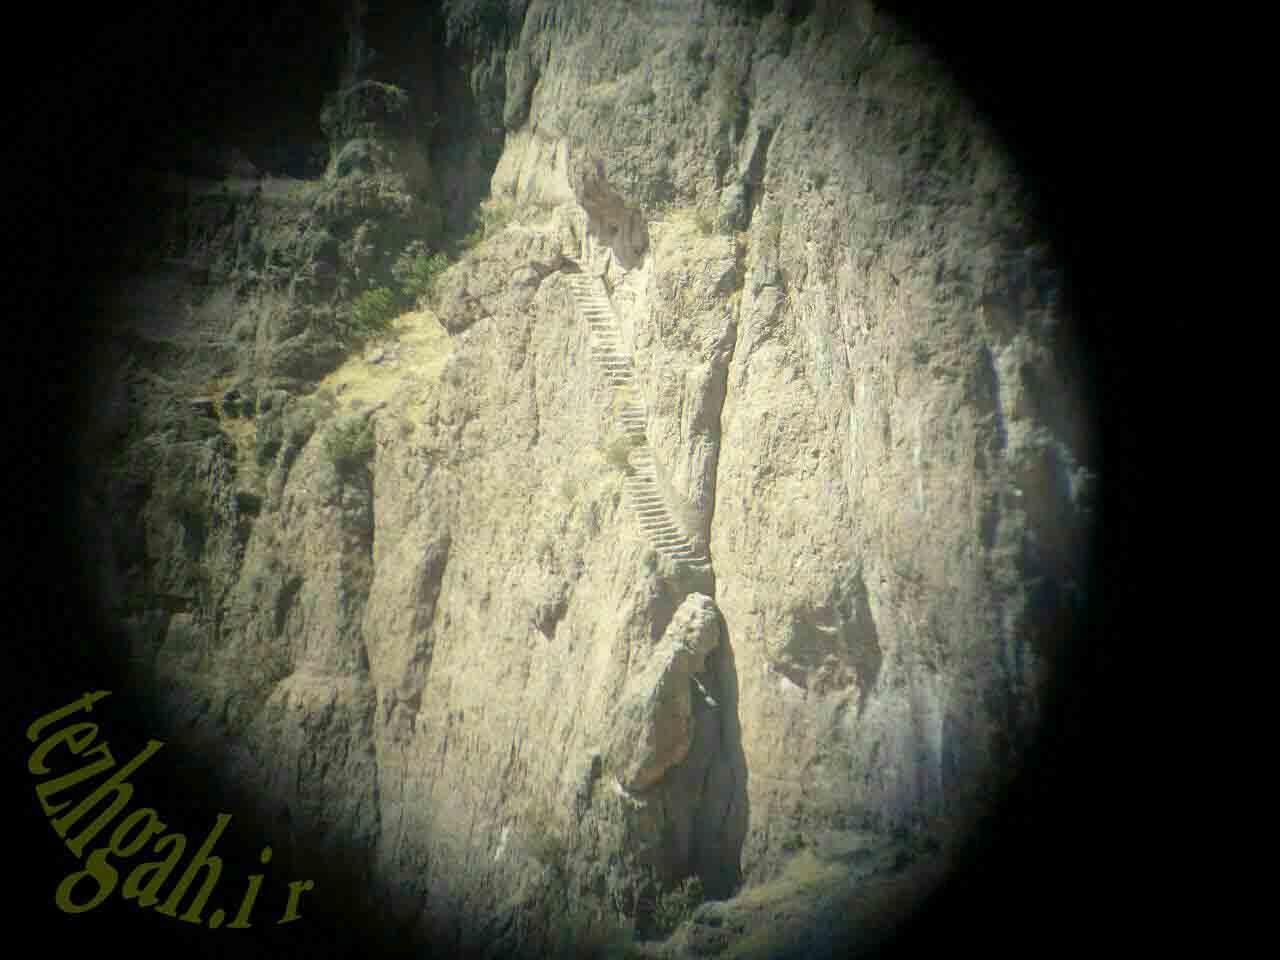 پله های باستانی کوه مقدس یافته در غرب خرم آباد